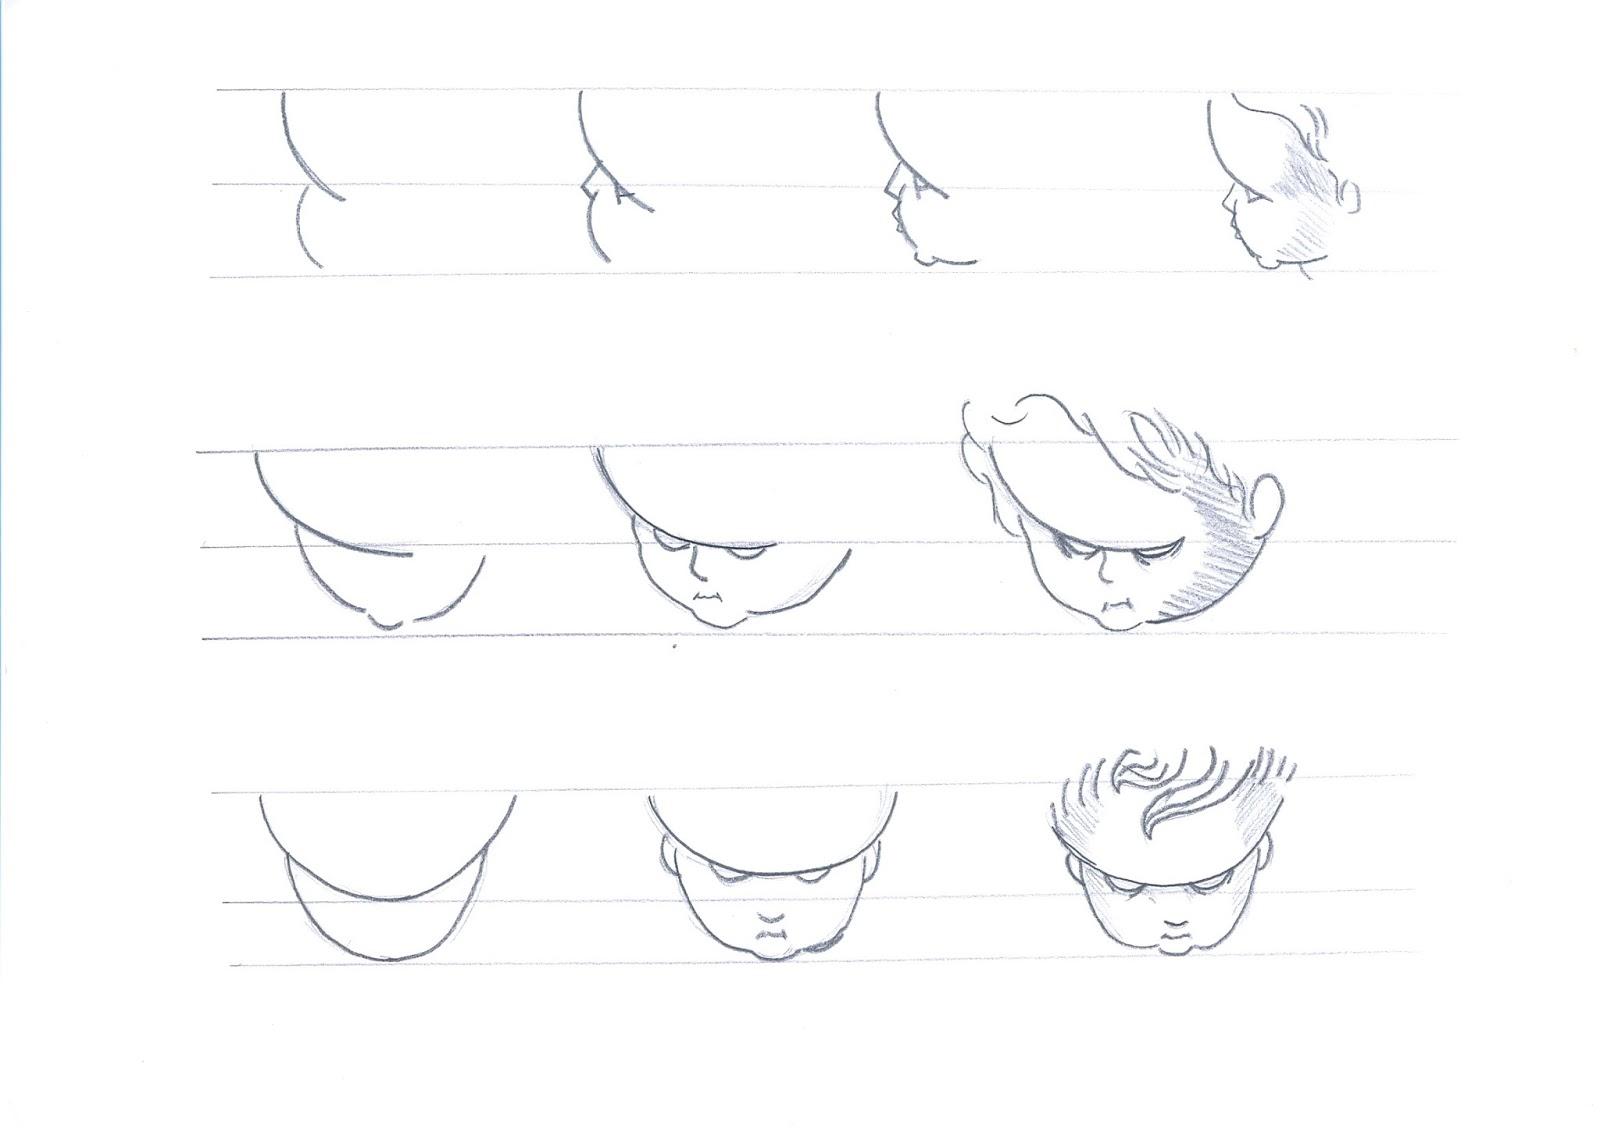 cânones da proporção corporal desenho clássico